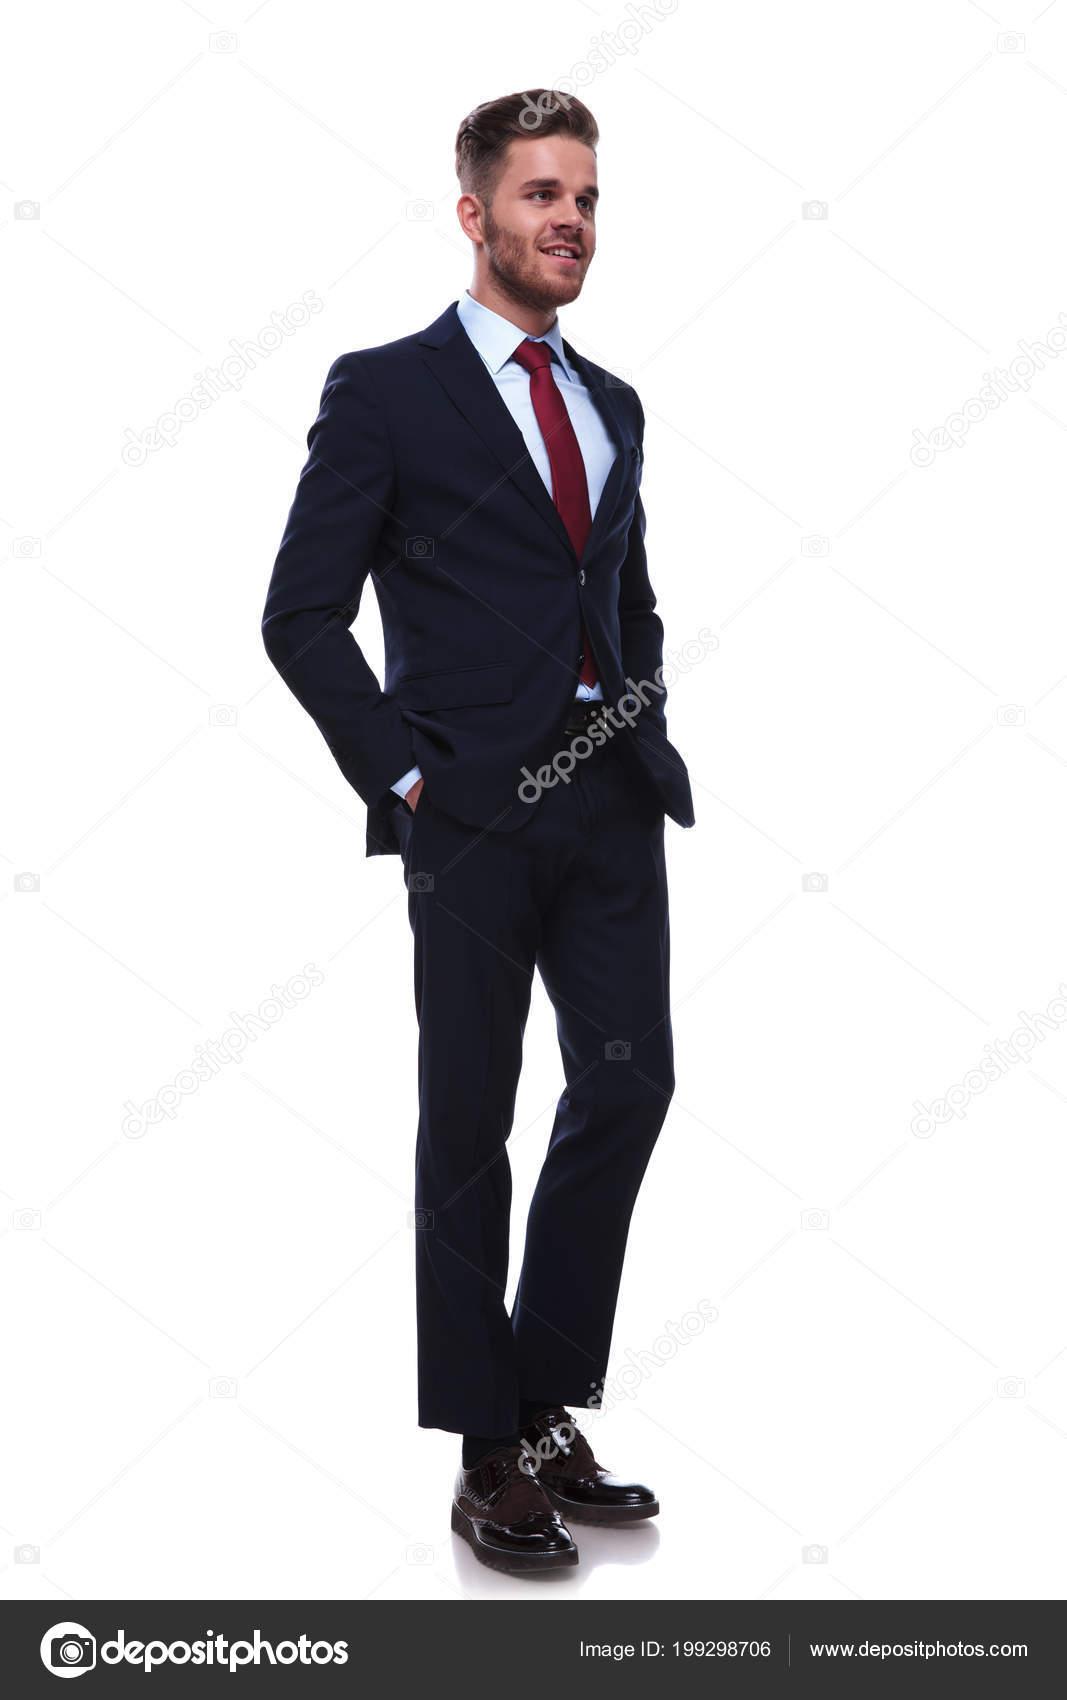 966764102fb4b Sexy homme d'affaires décontractée dans Marine costume et une cravate rouge  ressemble à côté lorsque vous êtes debout sur fond blanc — Image de feedough